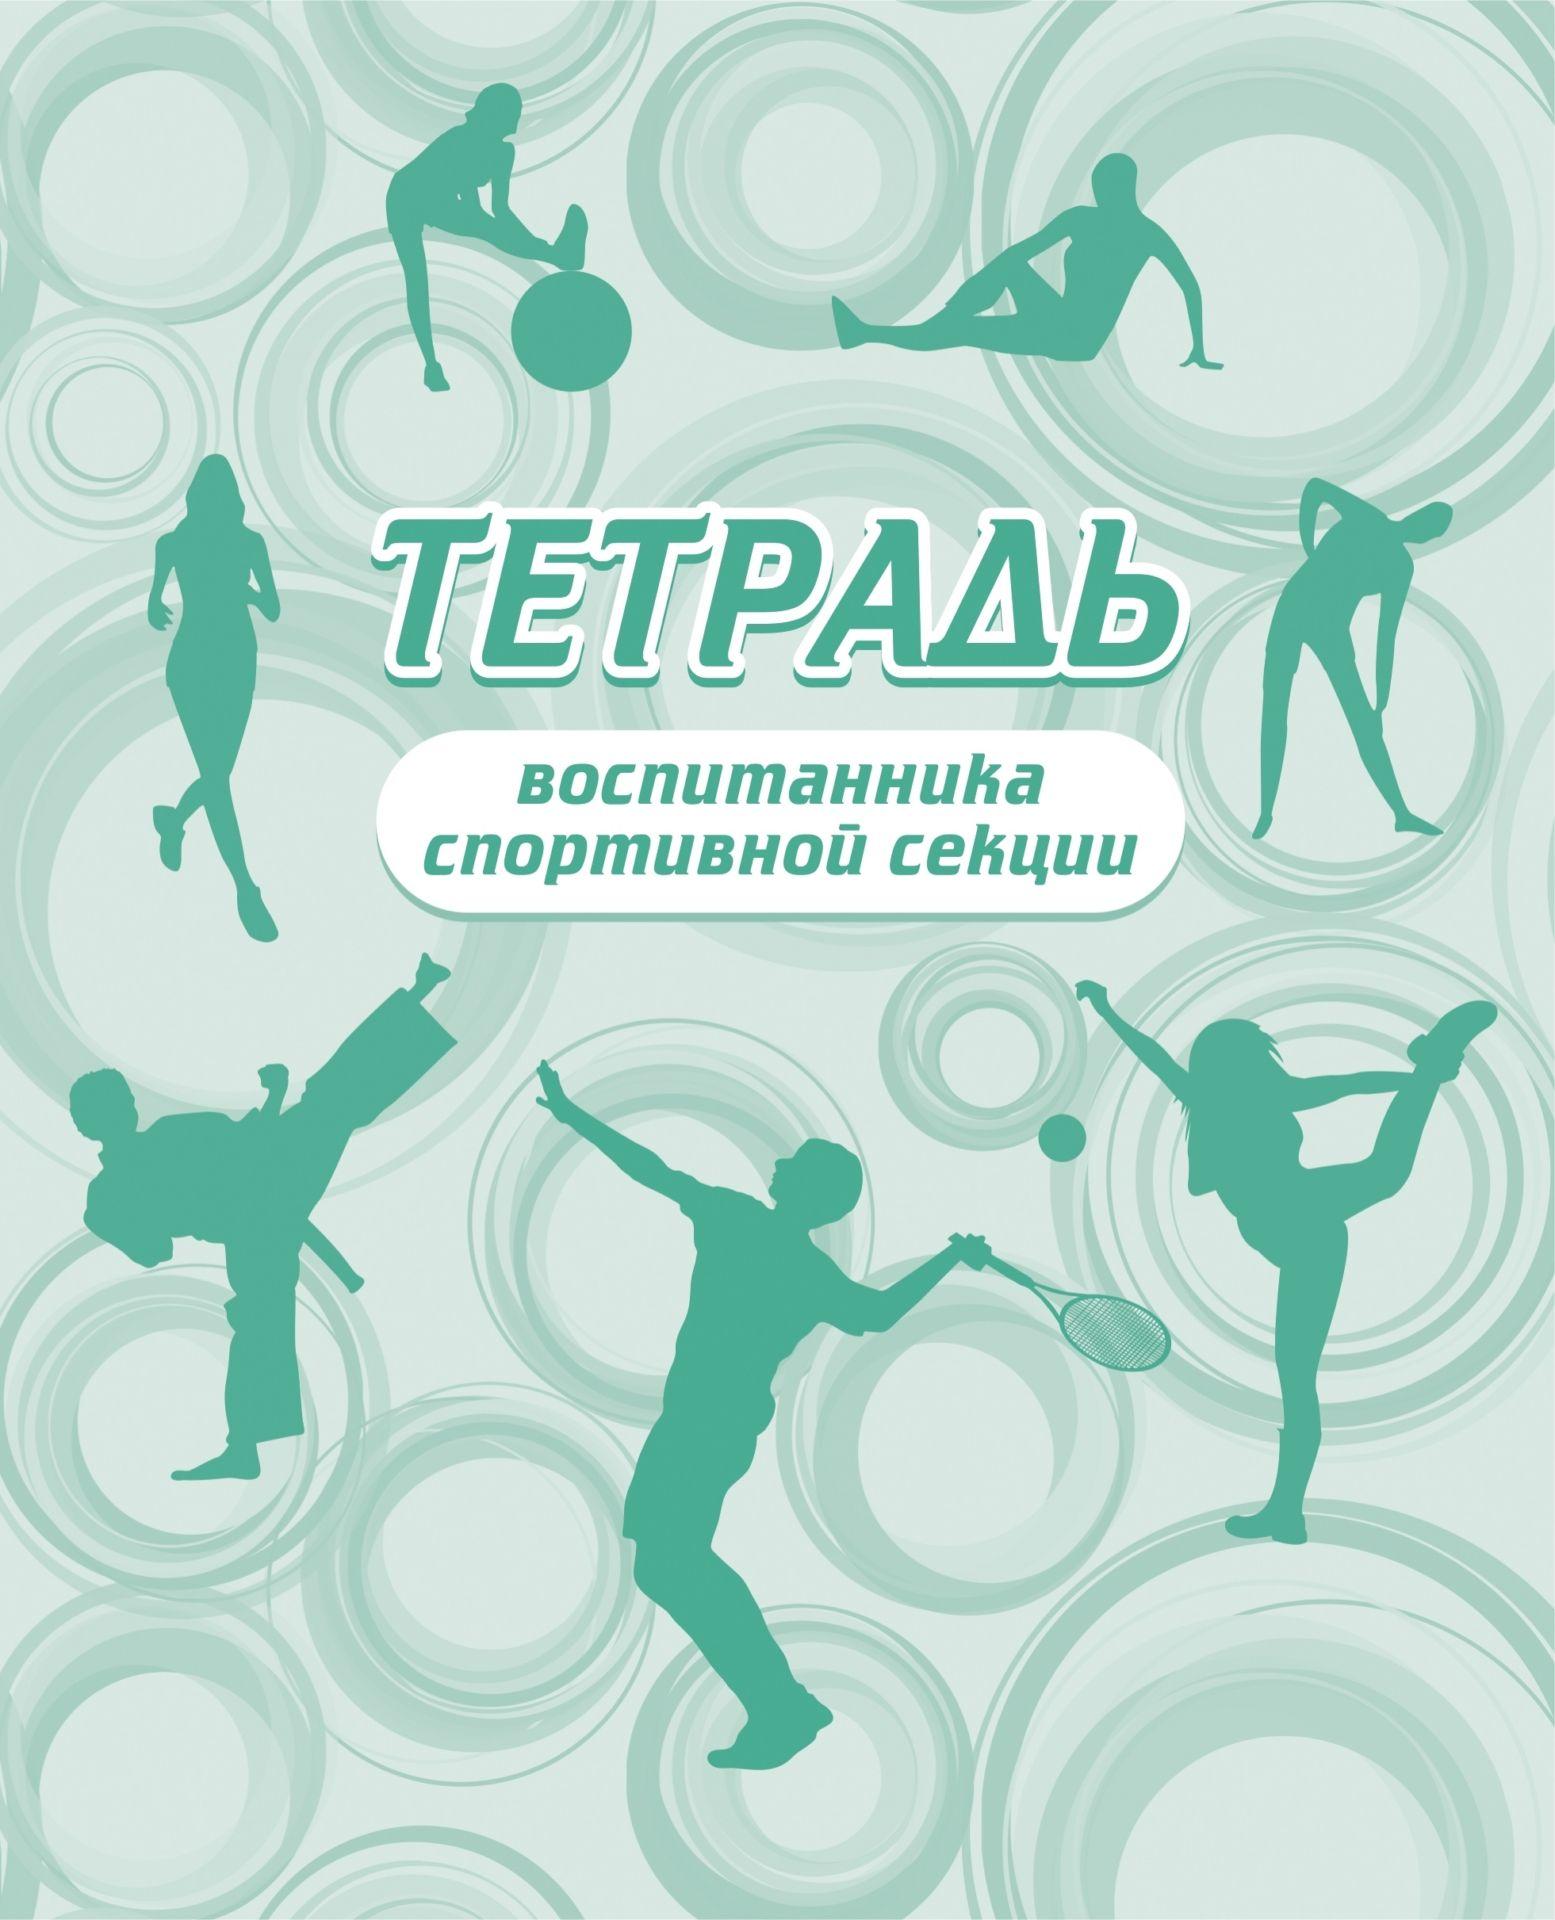 Тетрадь воспитанника спортивной секции